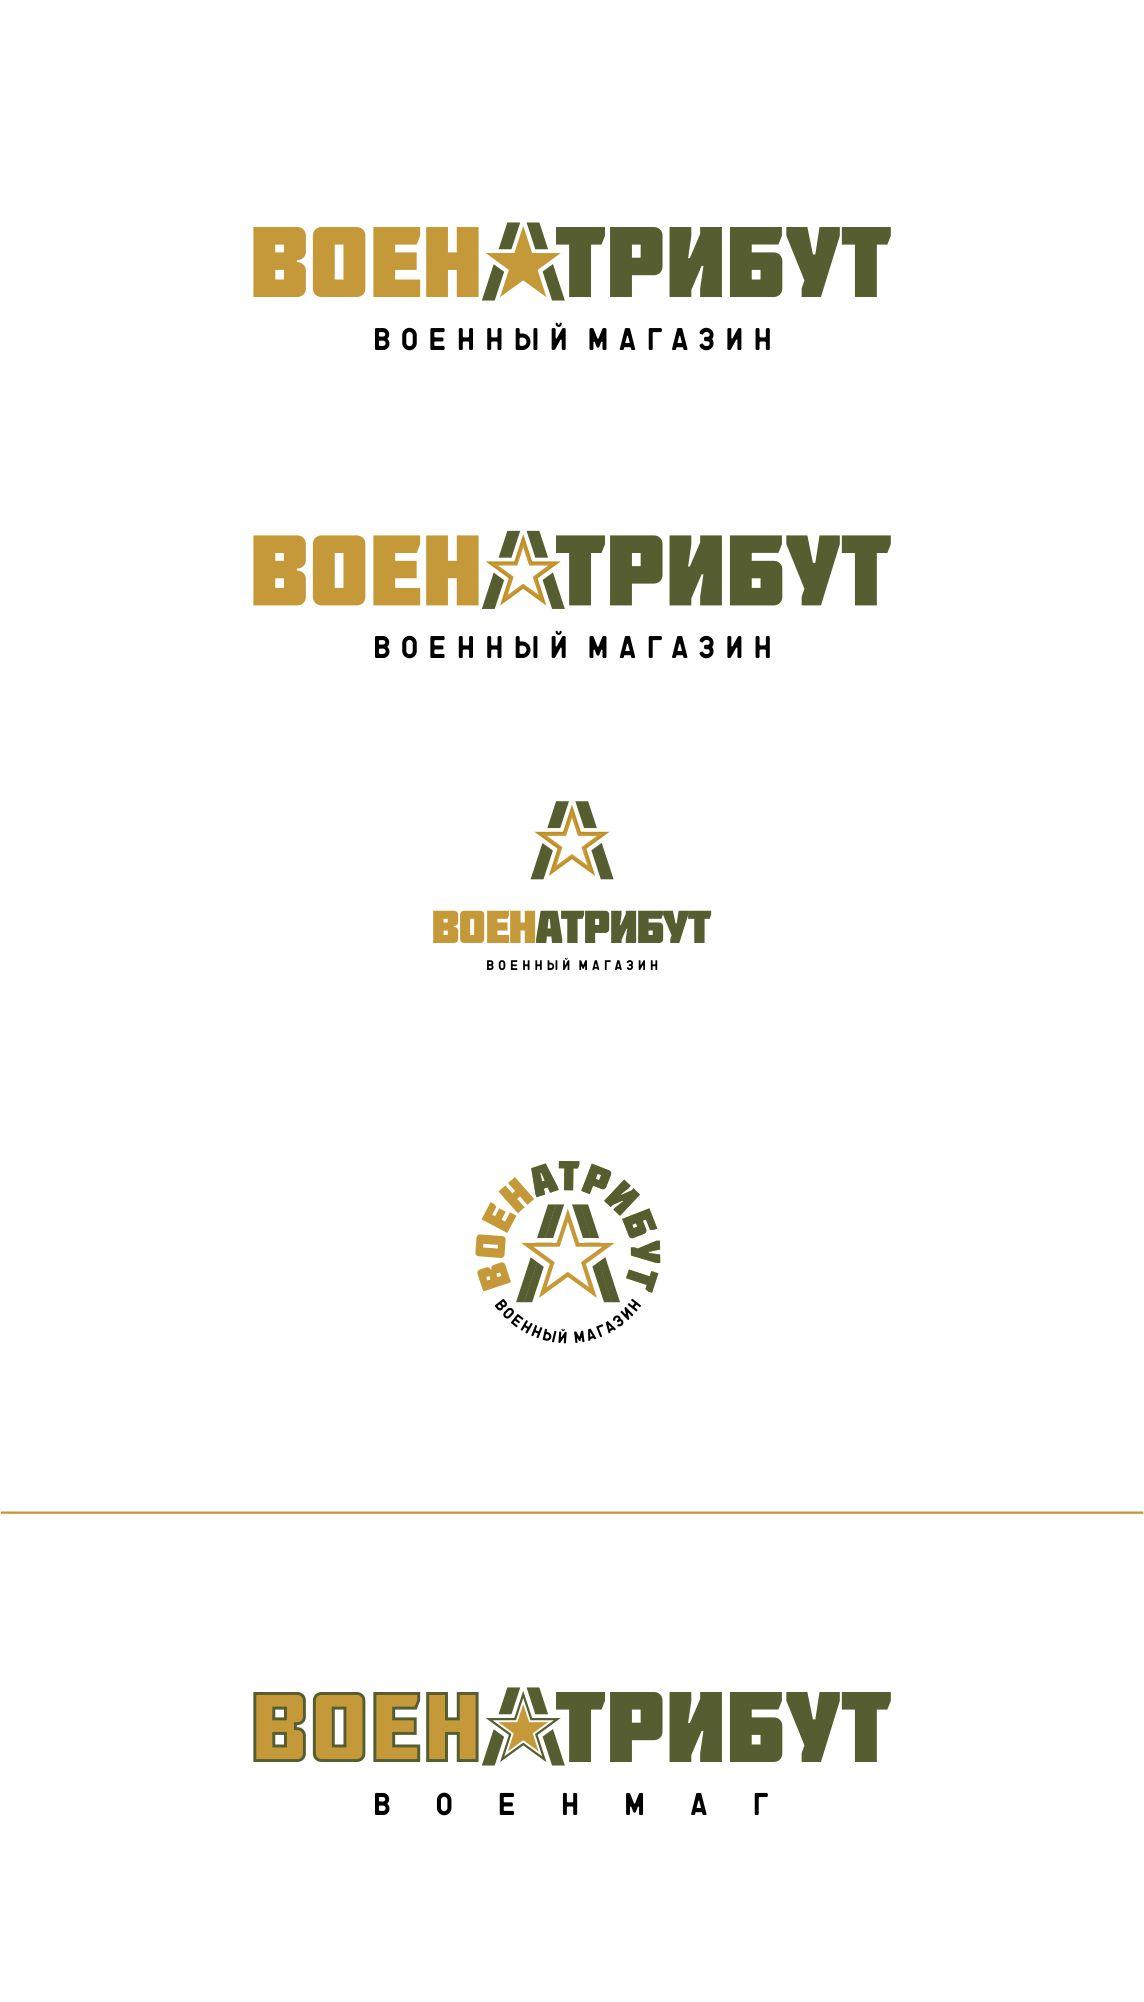 Разработка логотипа для компании военной тематики фото f_382601d21703ac4a.jpg